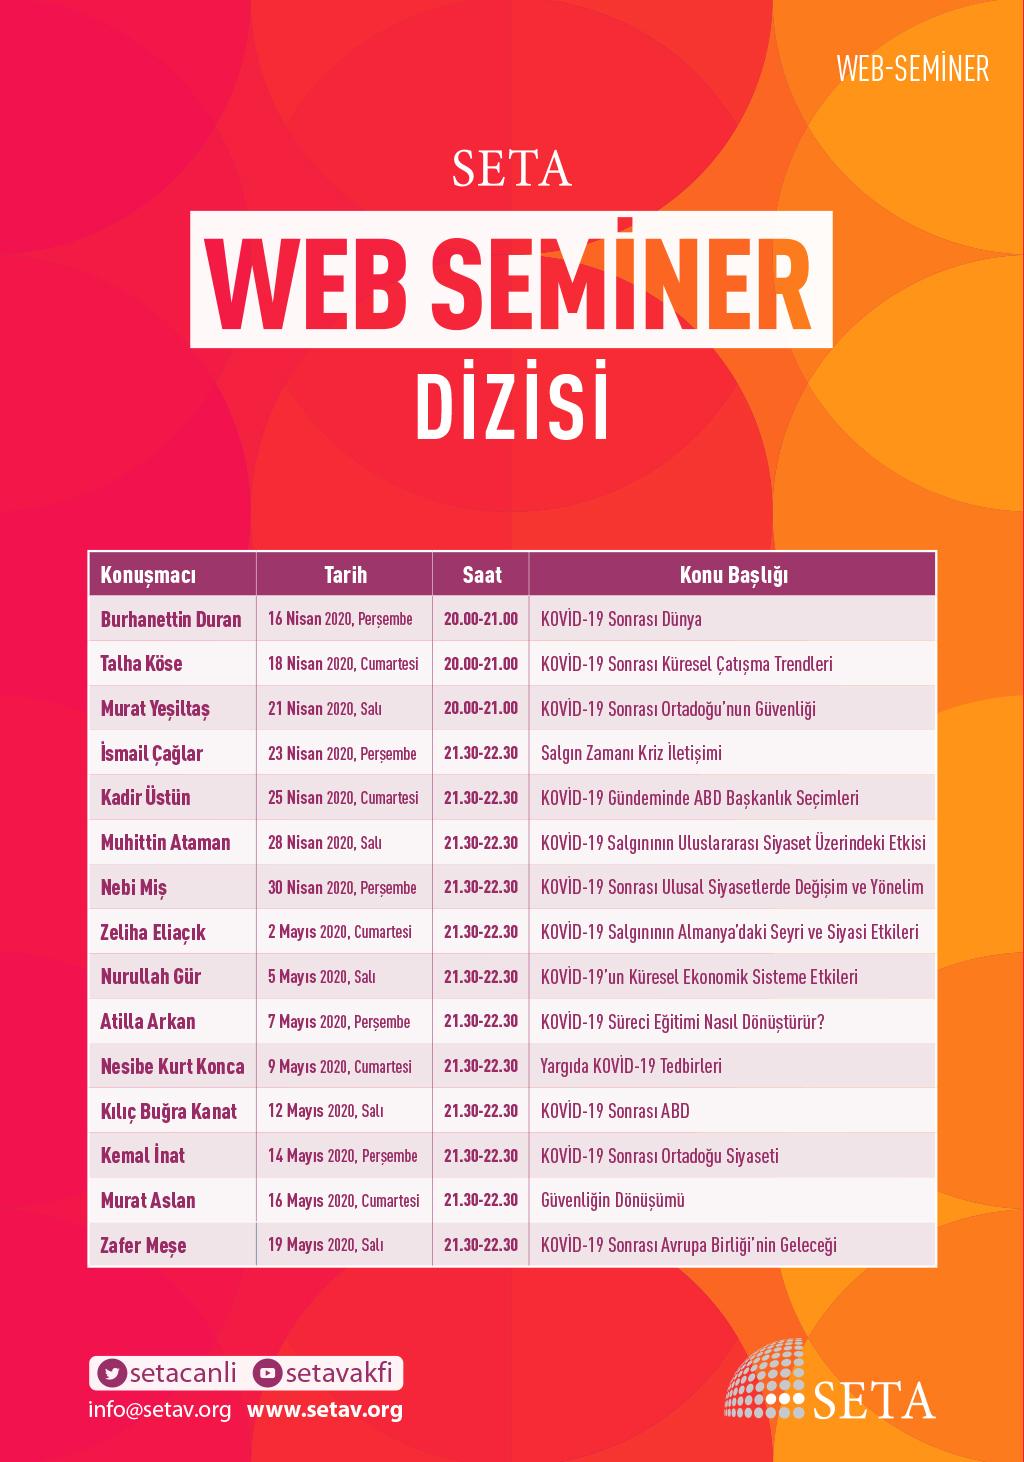 SETA Web Semineri Dizi Başlıyor!